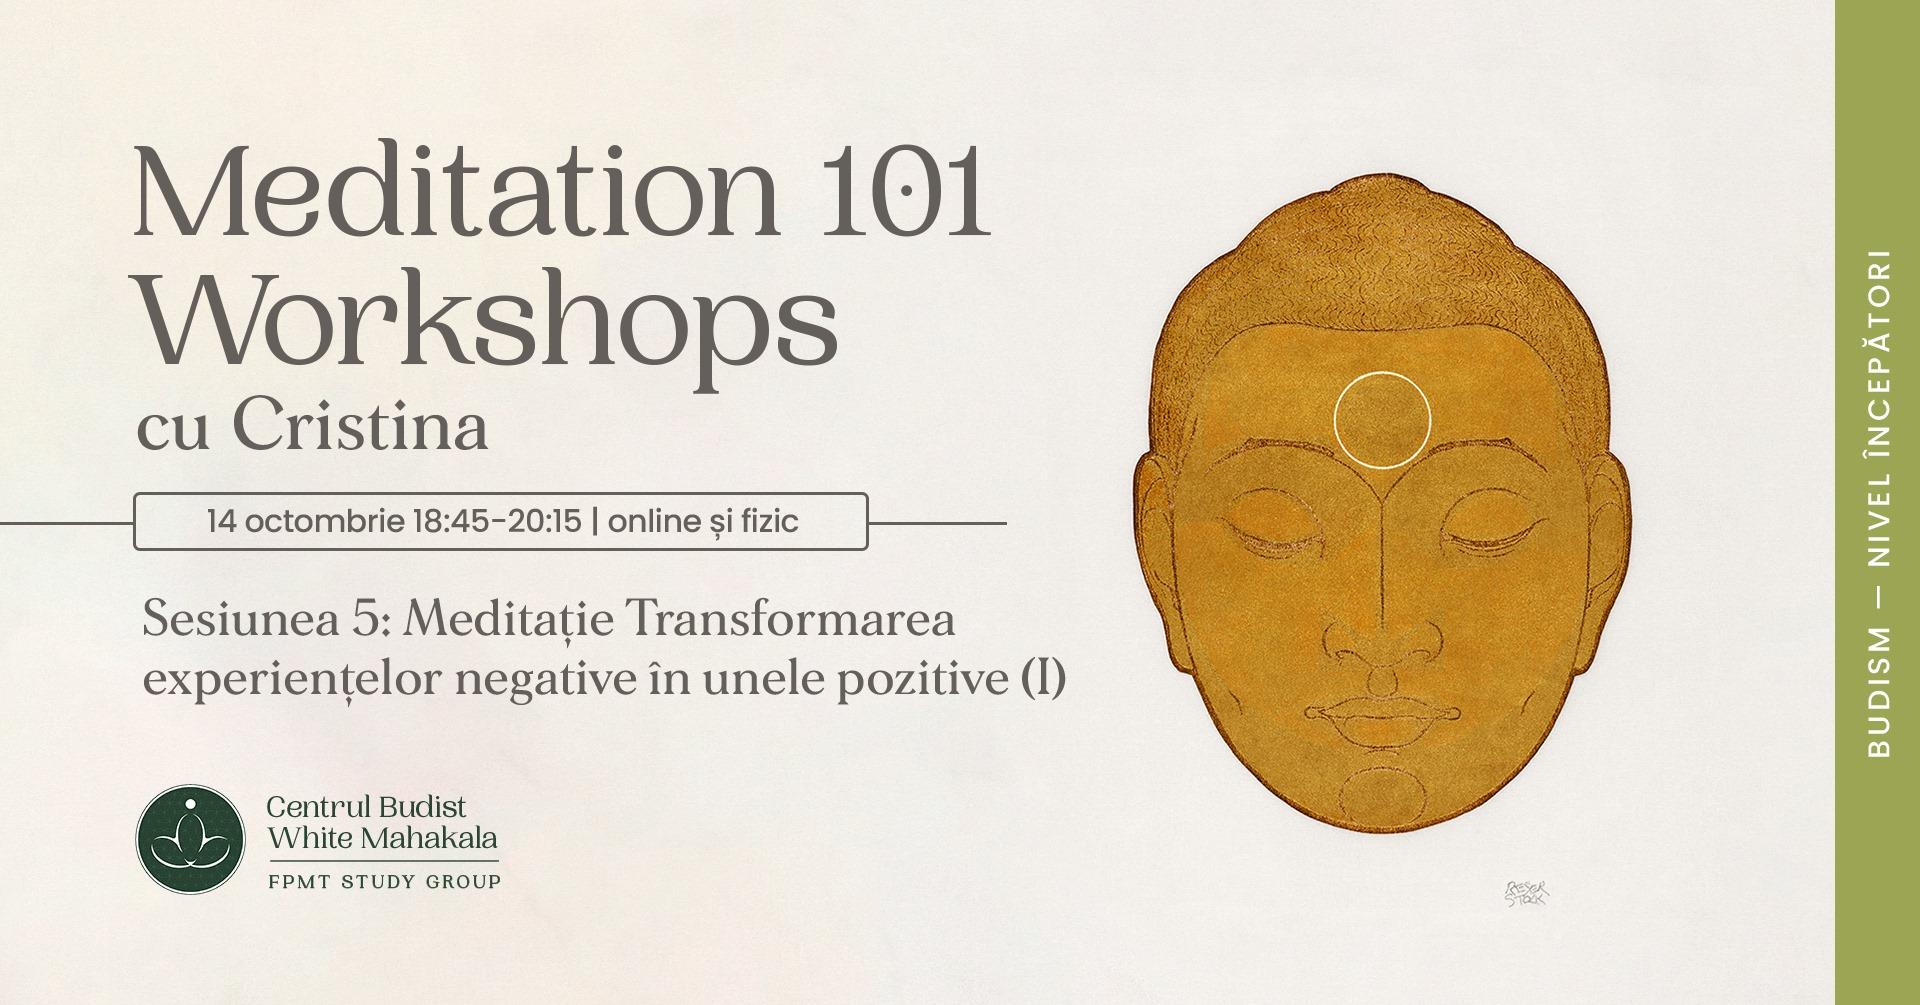 MEDITATION 101- Workshops. Sesiunea 5: Transformarea experientelor negative in unele pozitive (I)